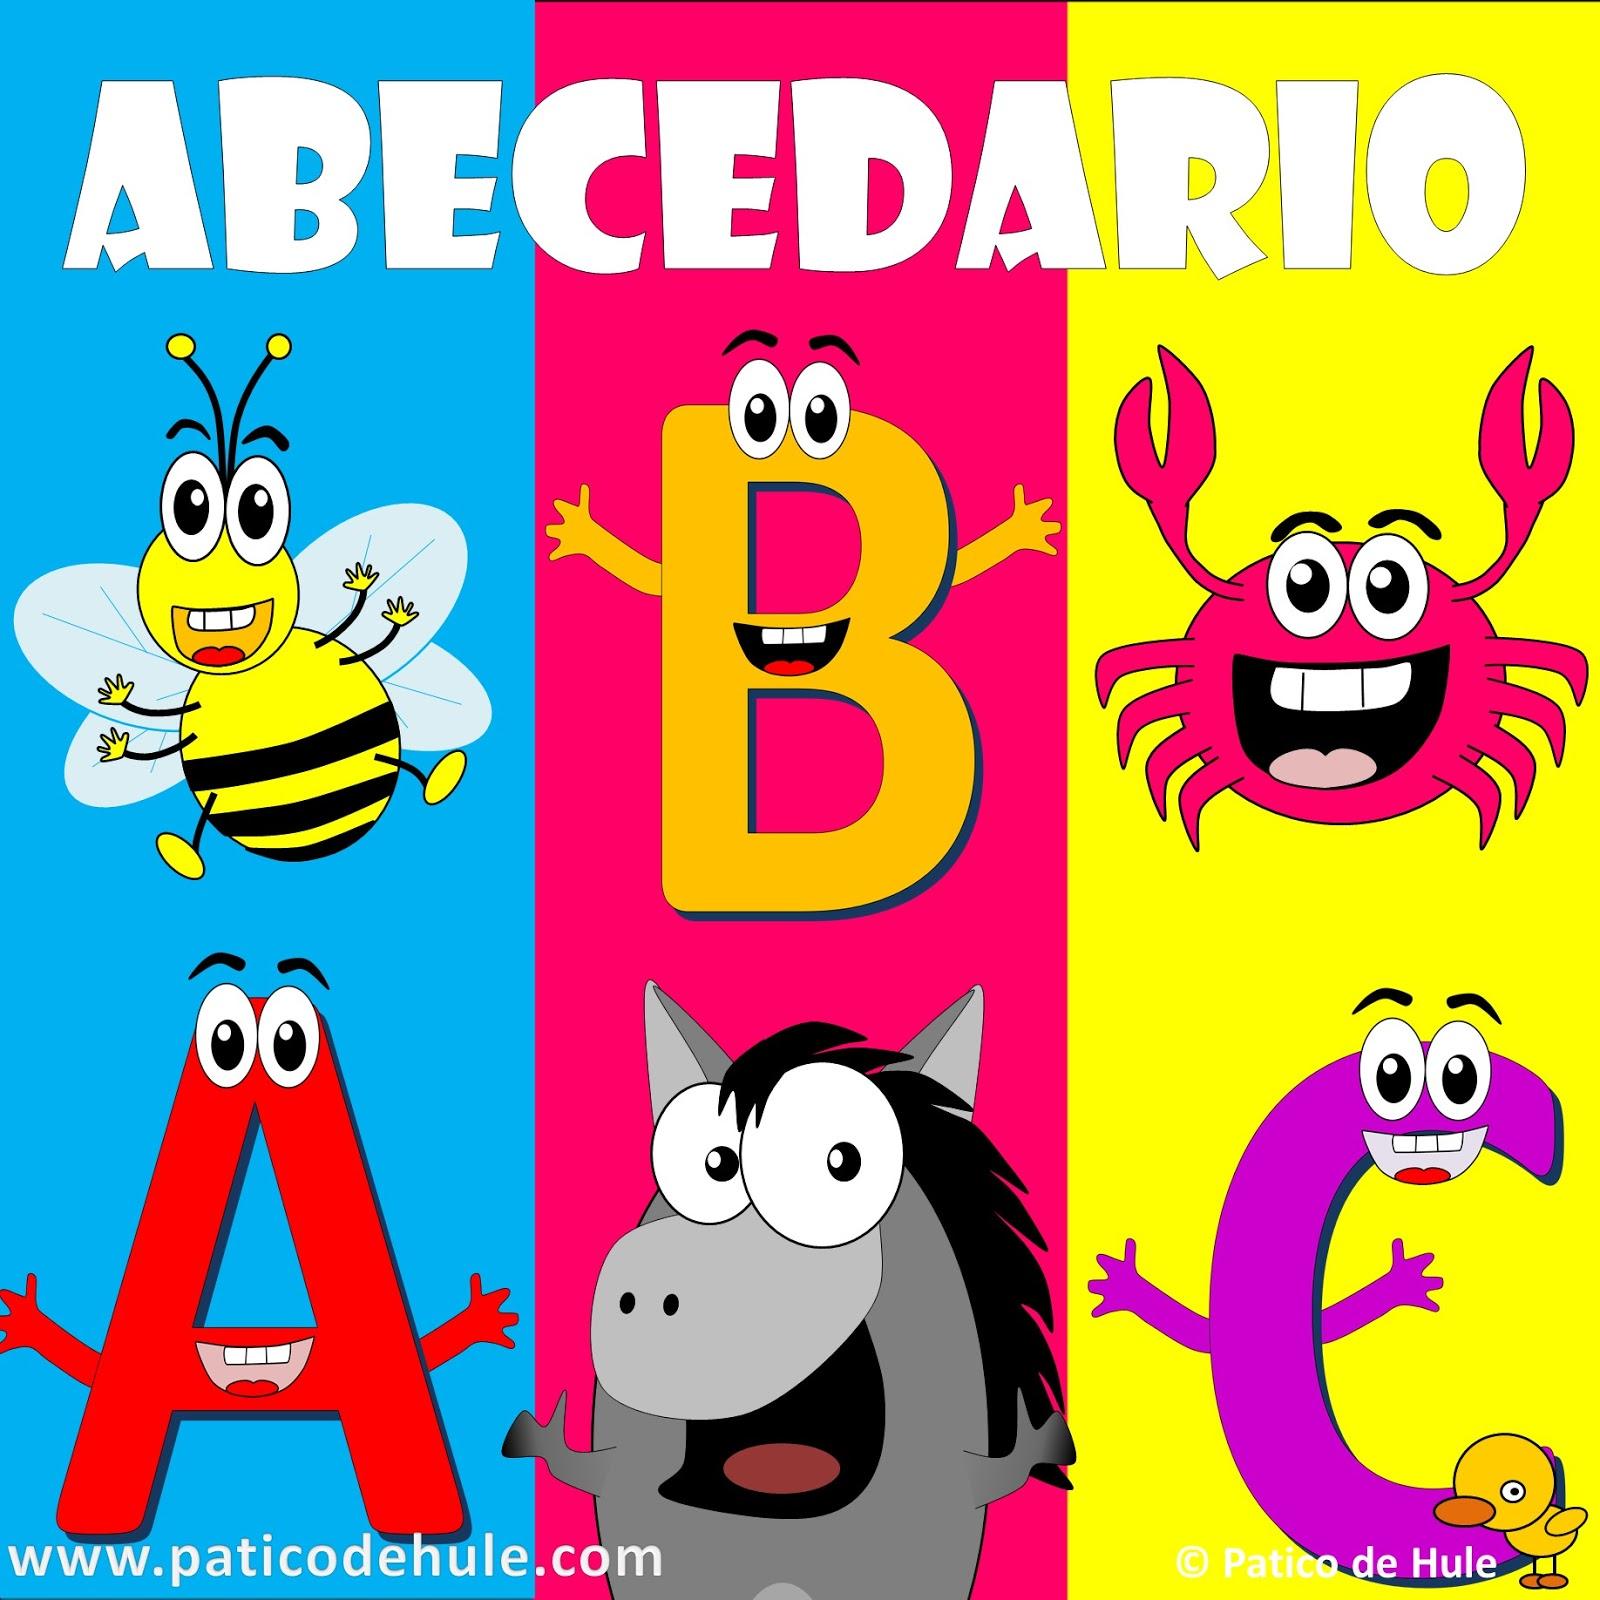 abecedario para niños canción infantil abecedario con animales